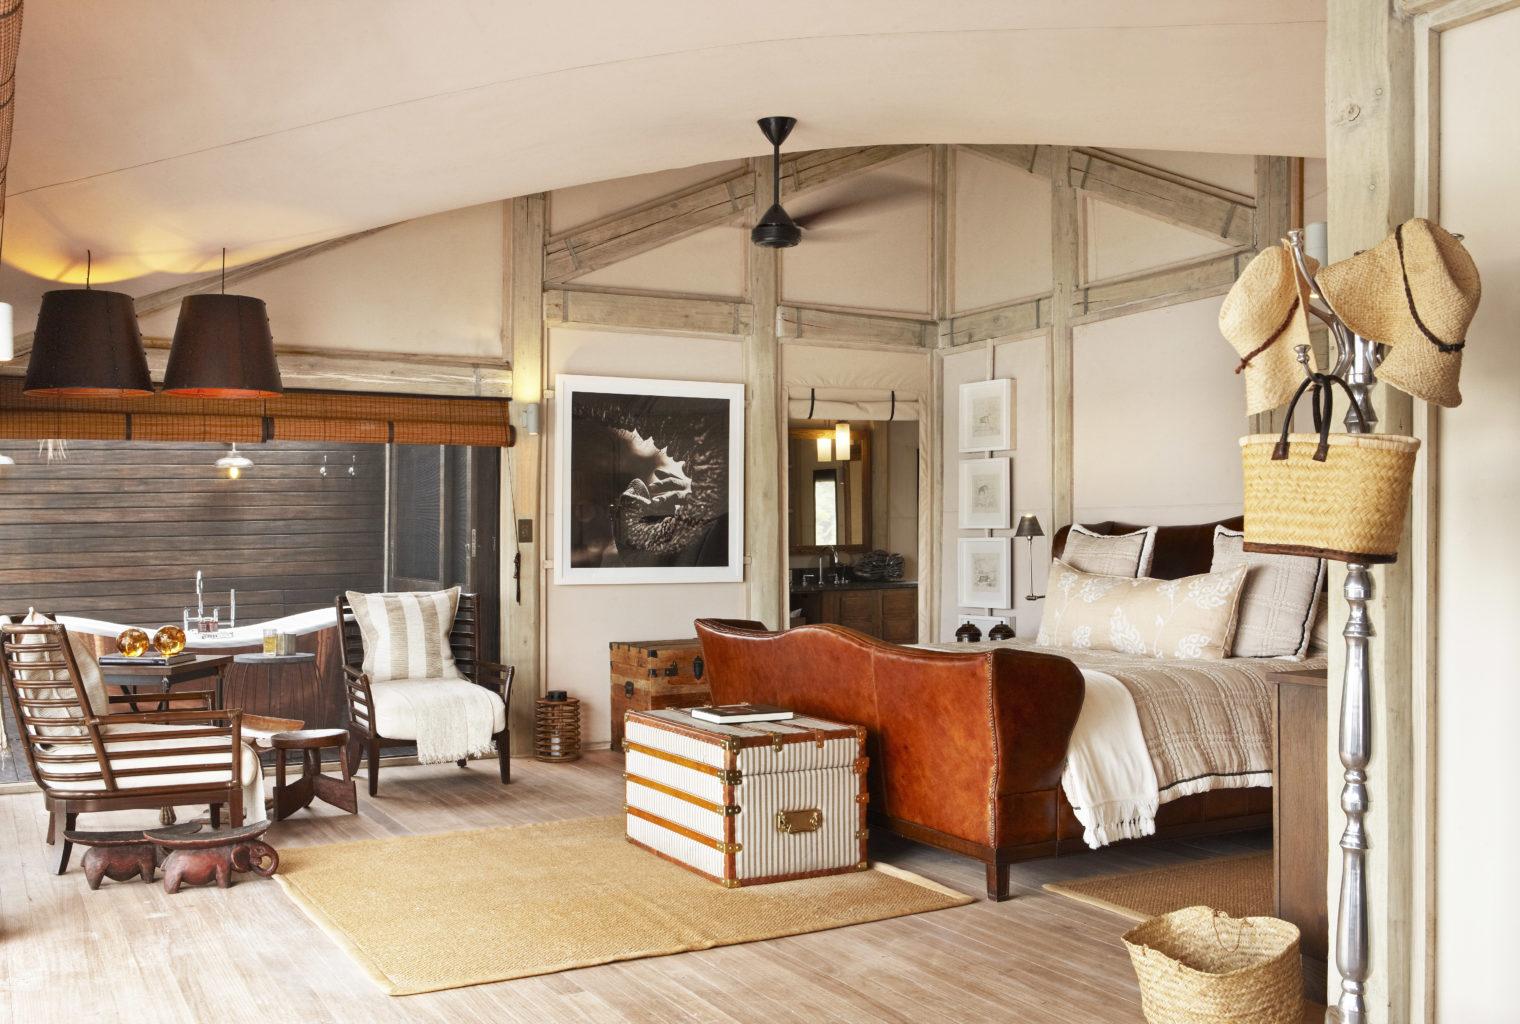 Abu-Elephant-Camp-Bedroom